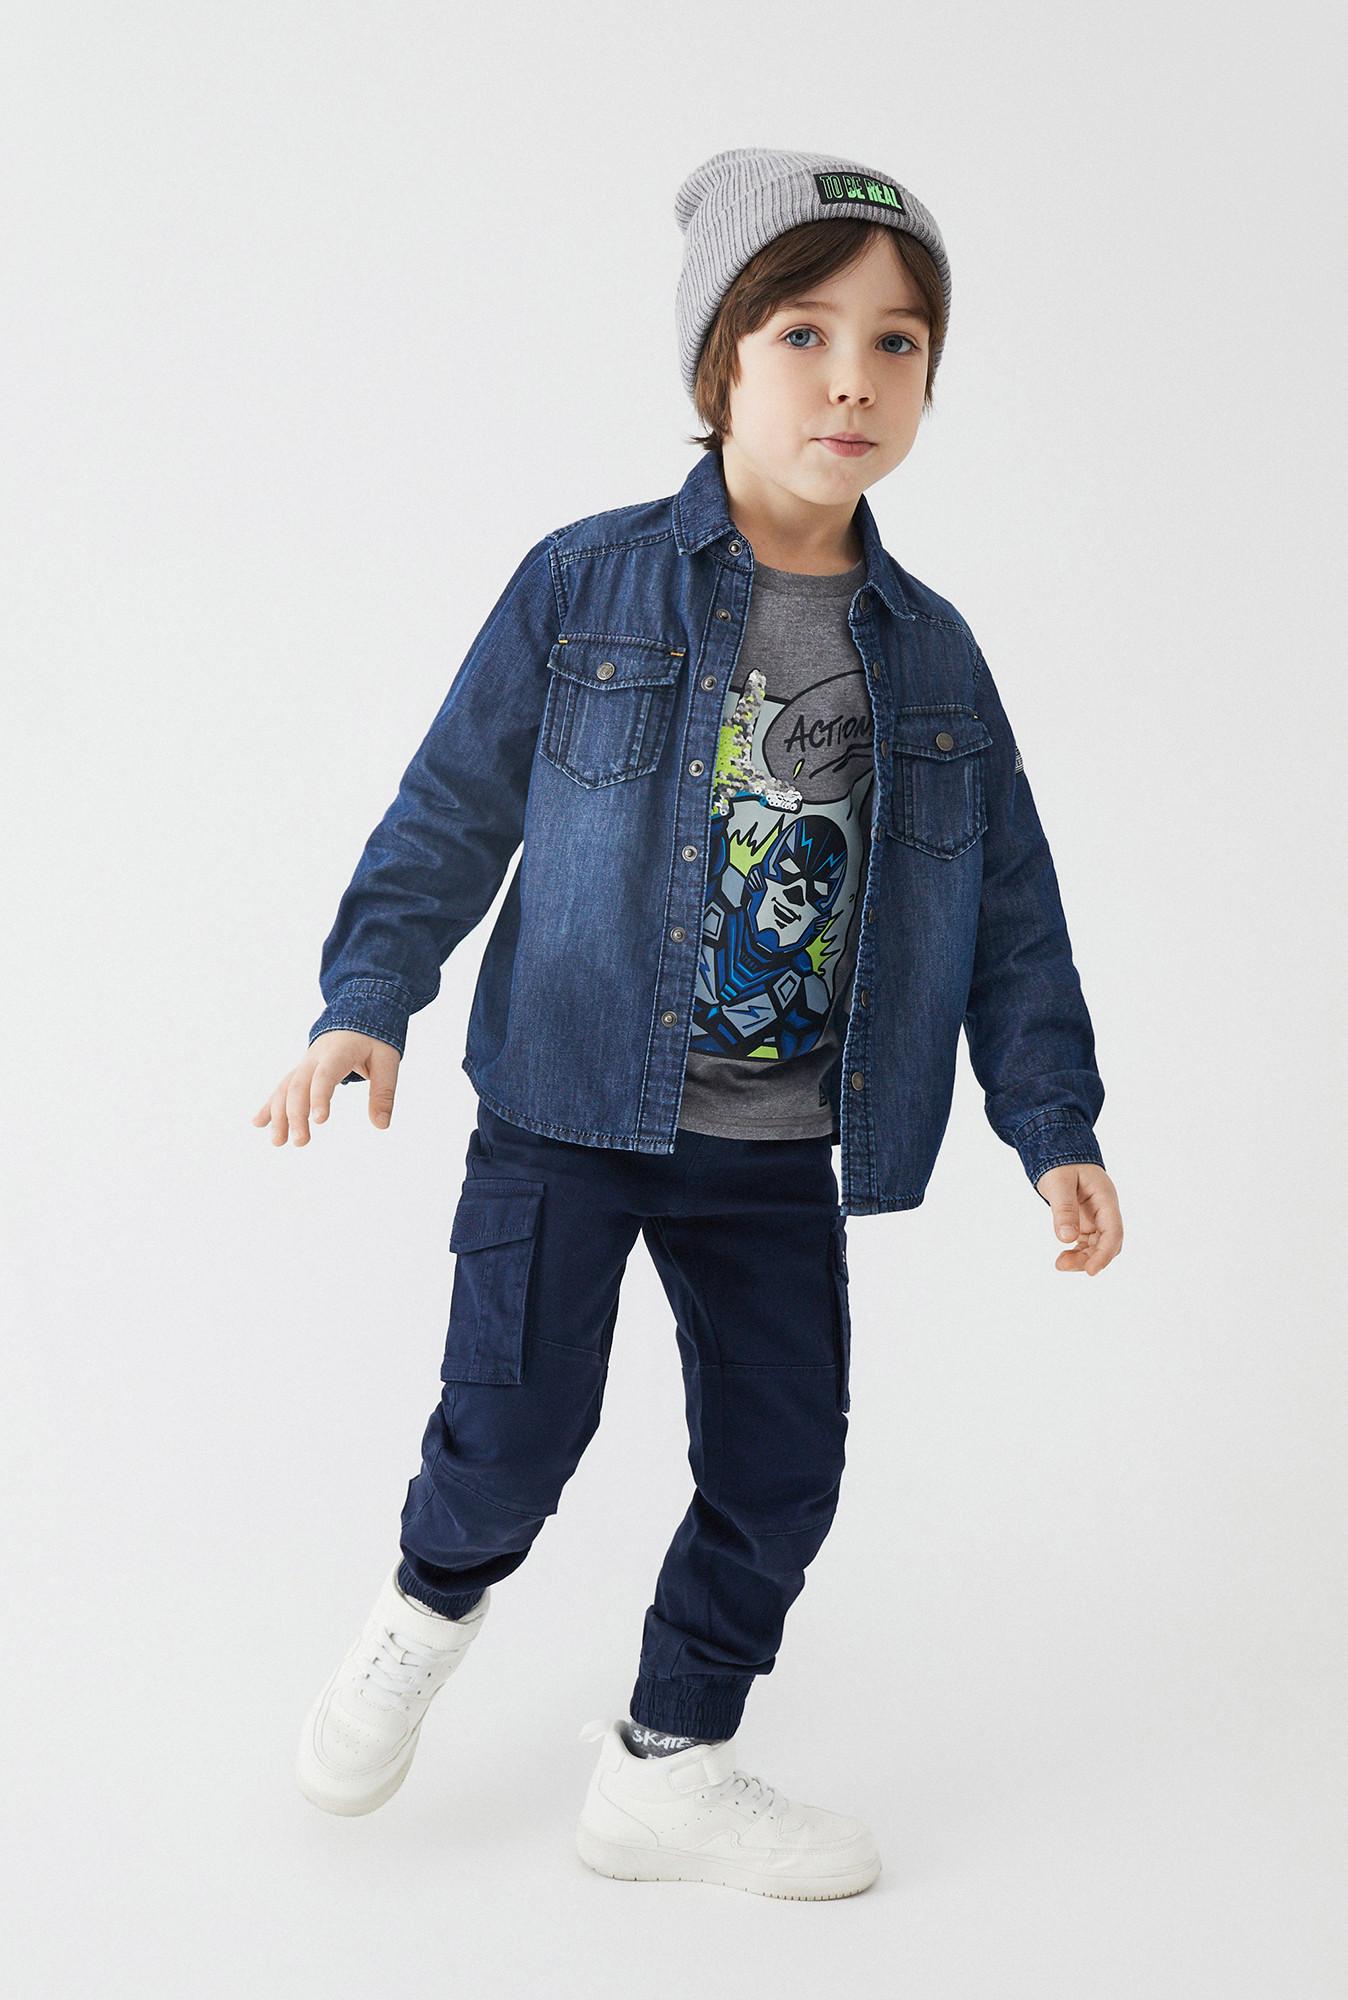 Джинсовая рубашка для мальчиков размер 122, темно-синий